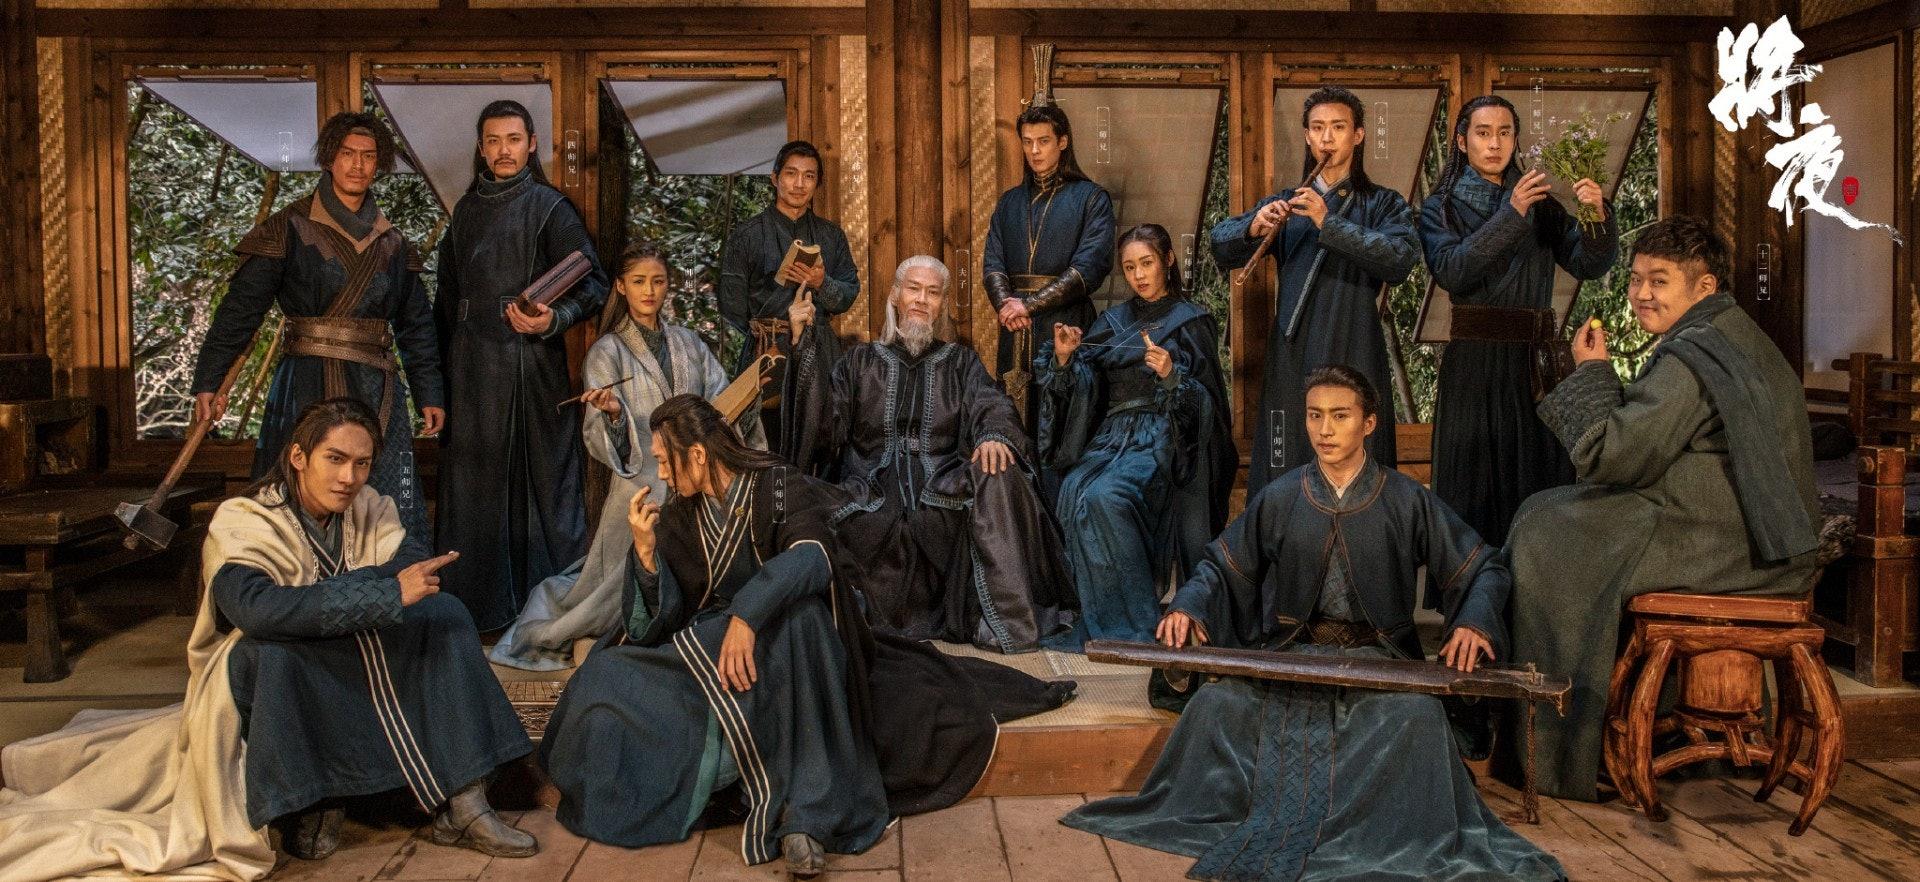 《將夜》中不少服裝都是單色,戲中身為草根的陳飛宇,服裝多為粗布麻衣,簡單樸素,透露出大氣。(微博圖片)